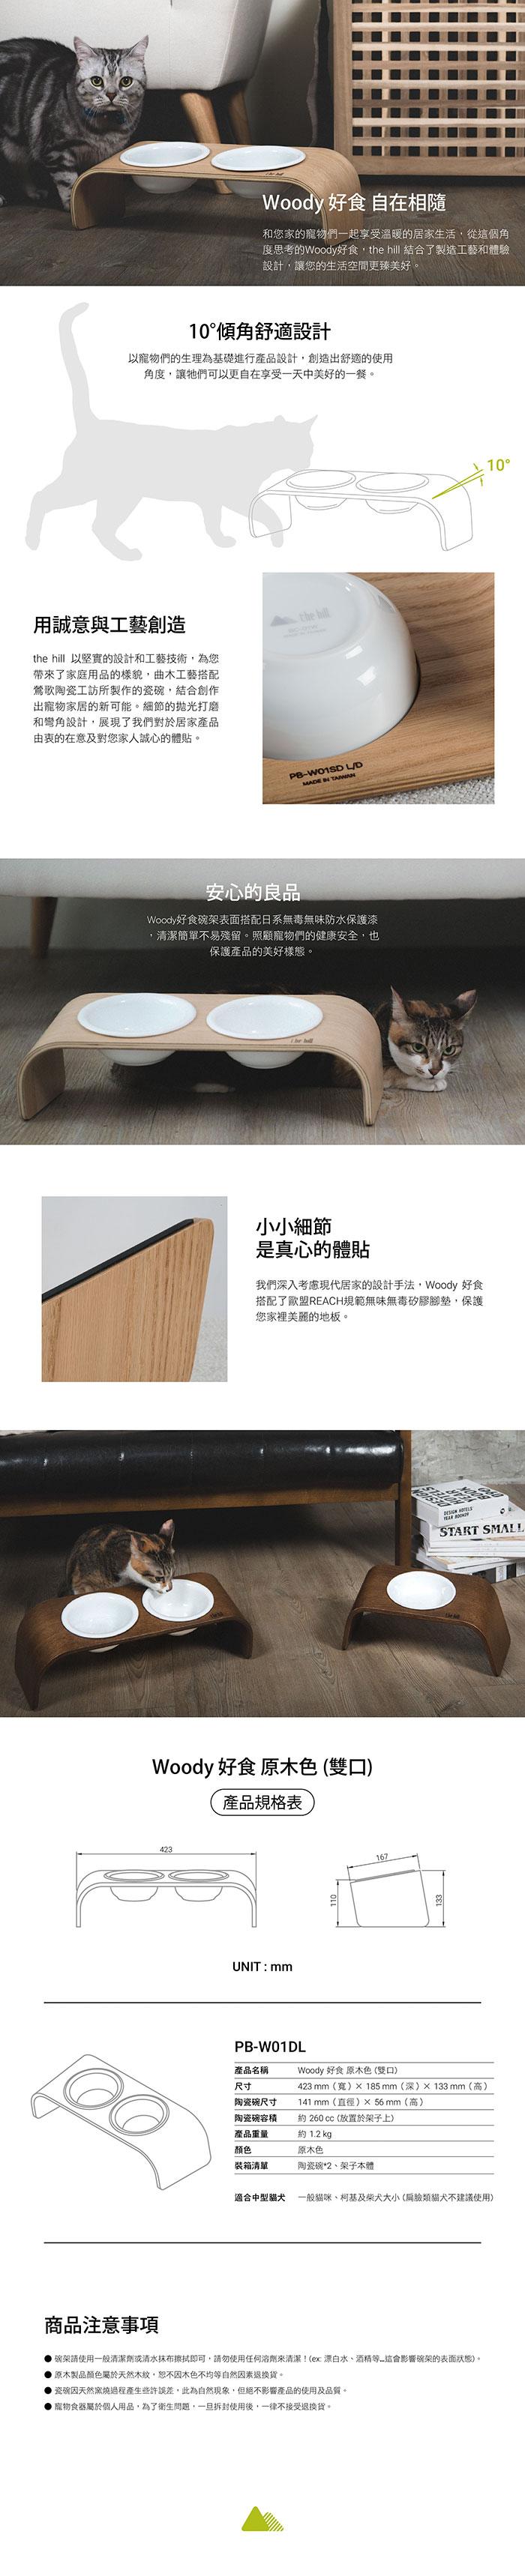 thehill 樂丘|WOODY好食(雙口) 曲木寵物食器台 原木色